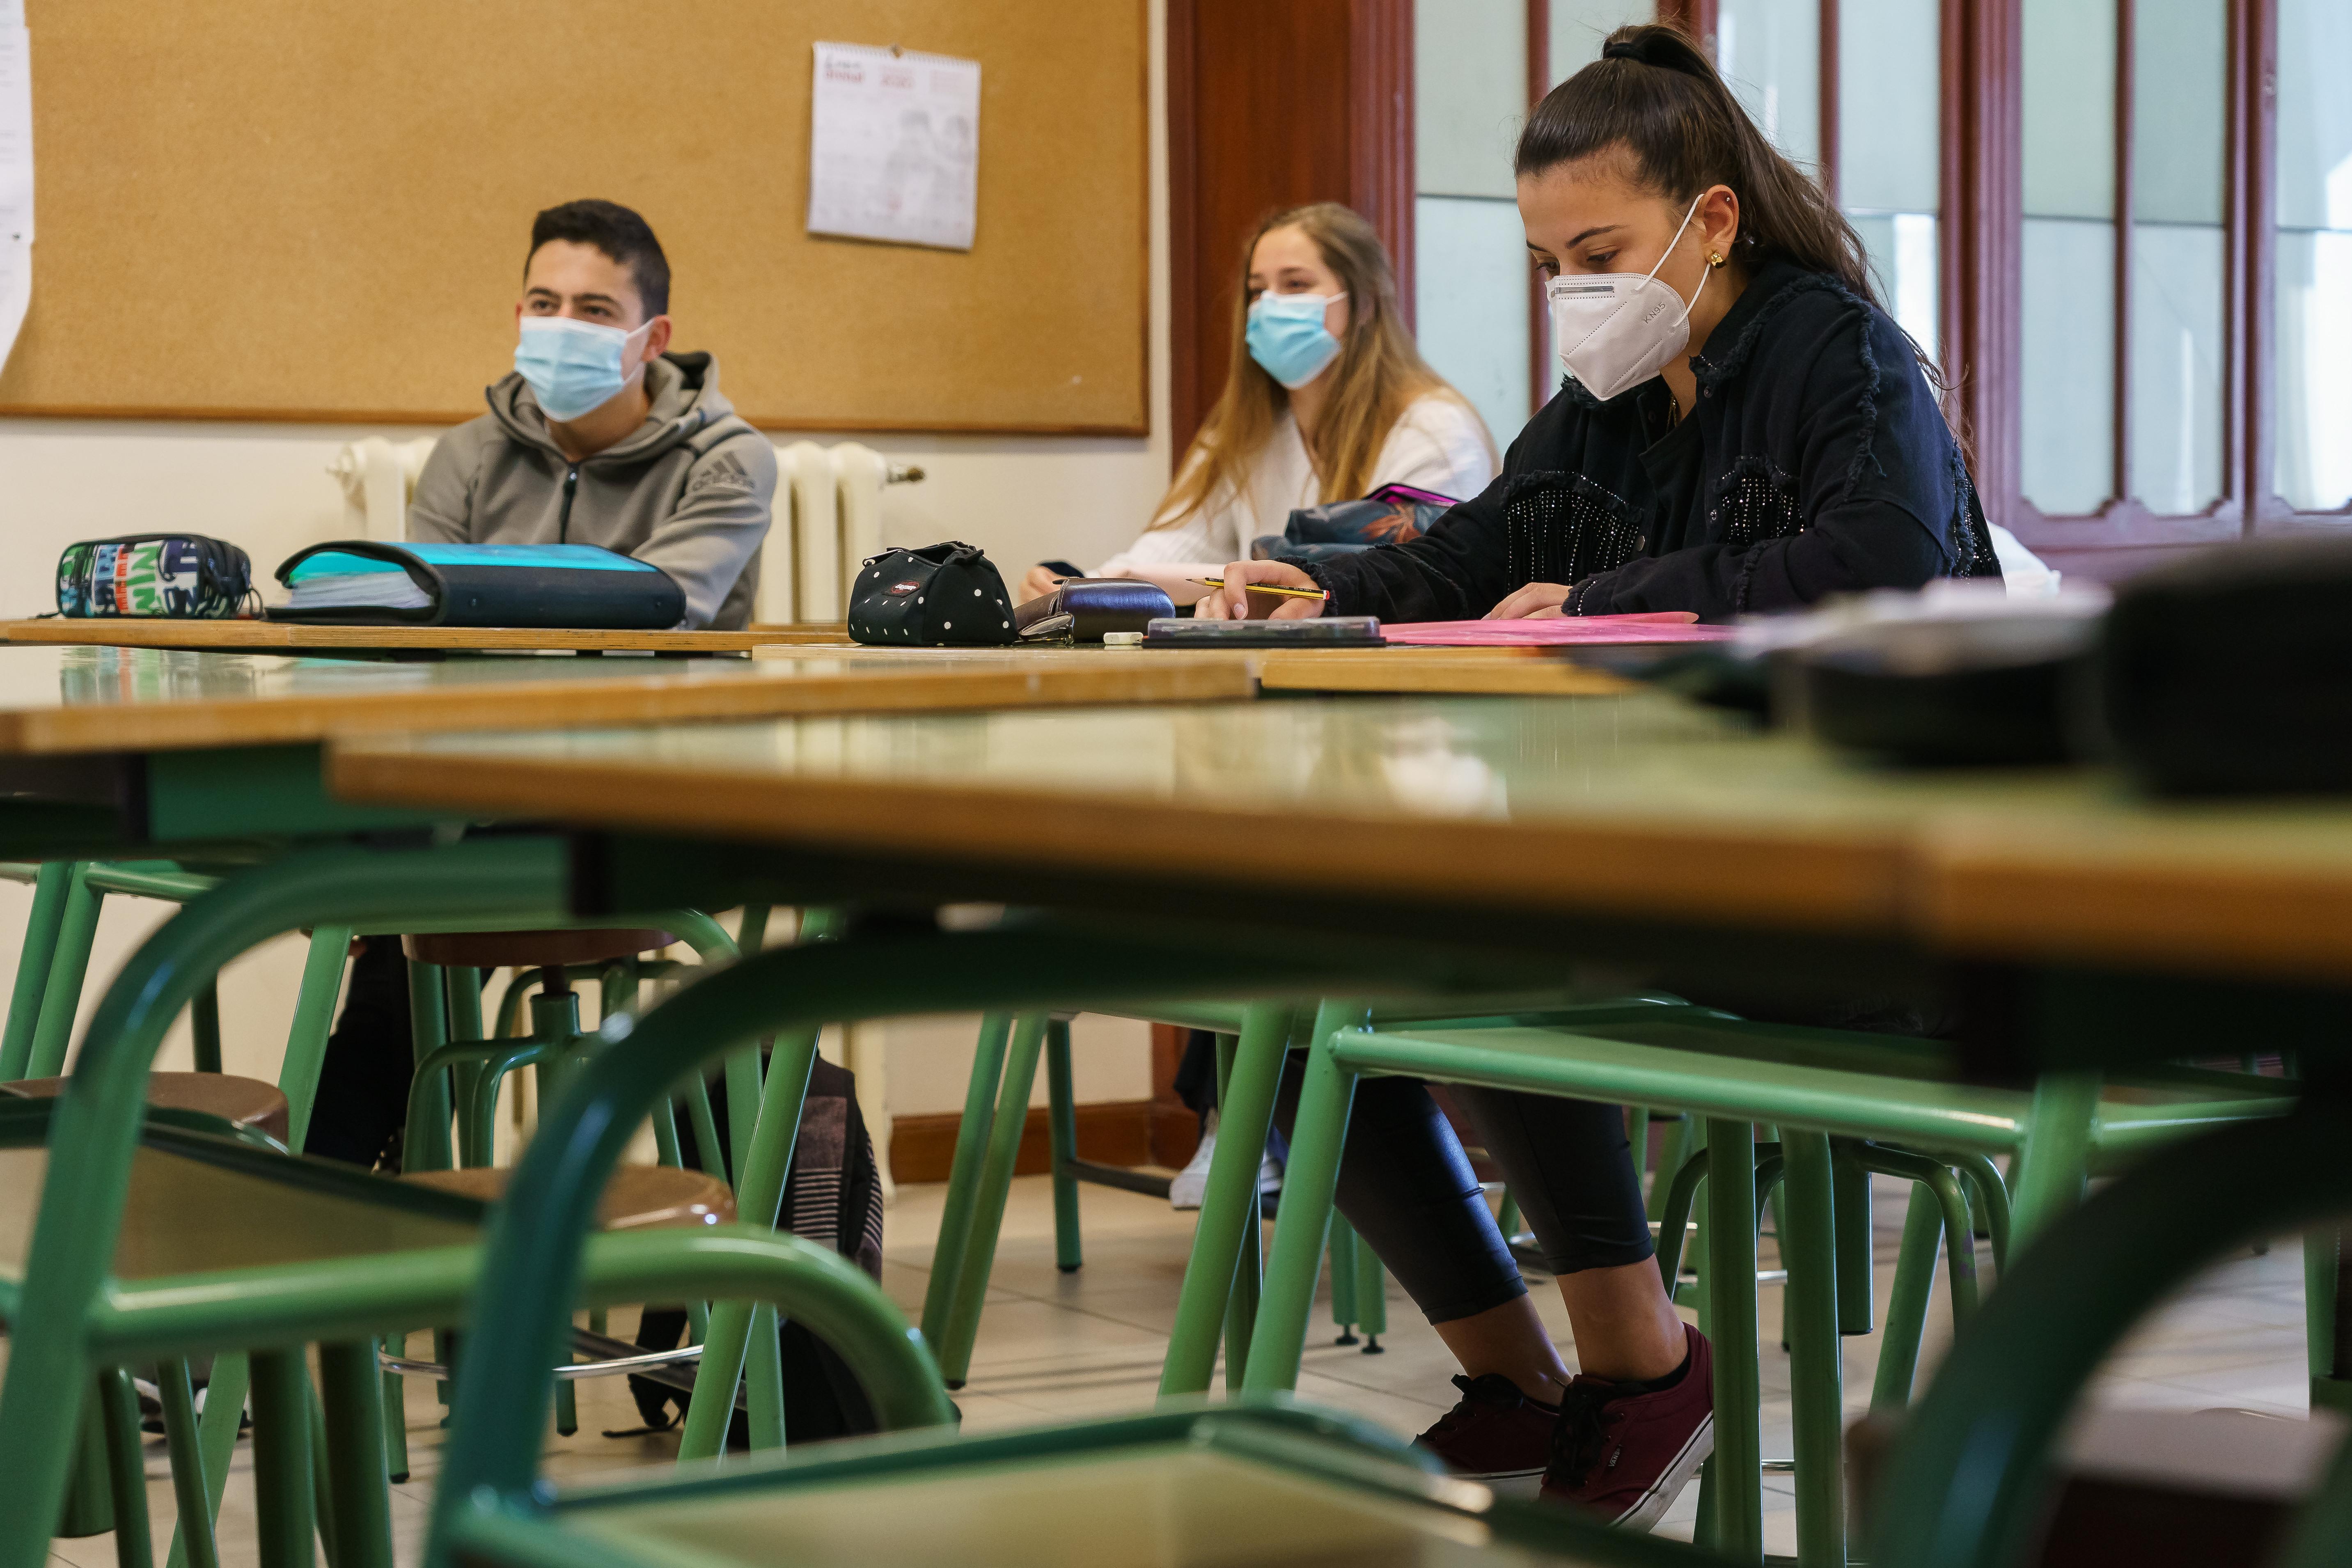 Hat éves kortól kötelező lesz a maszk a spanyol iskolákban